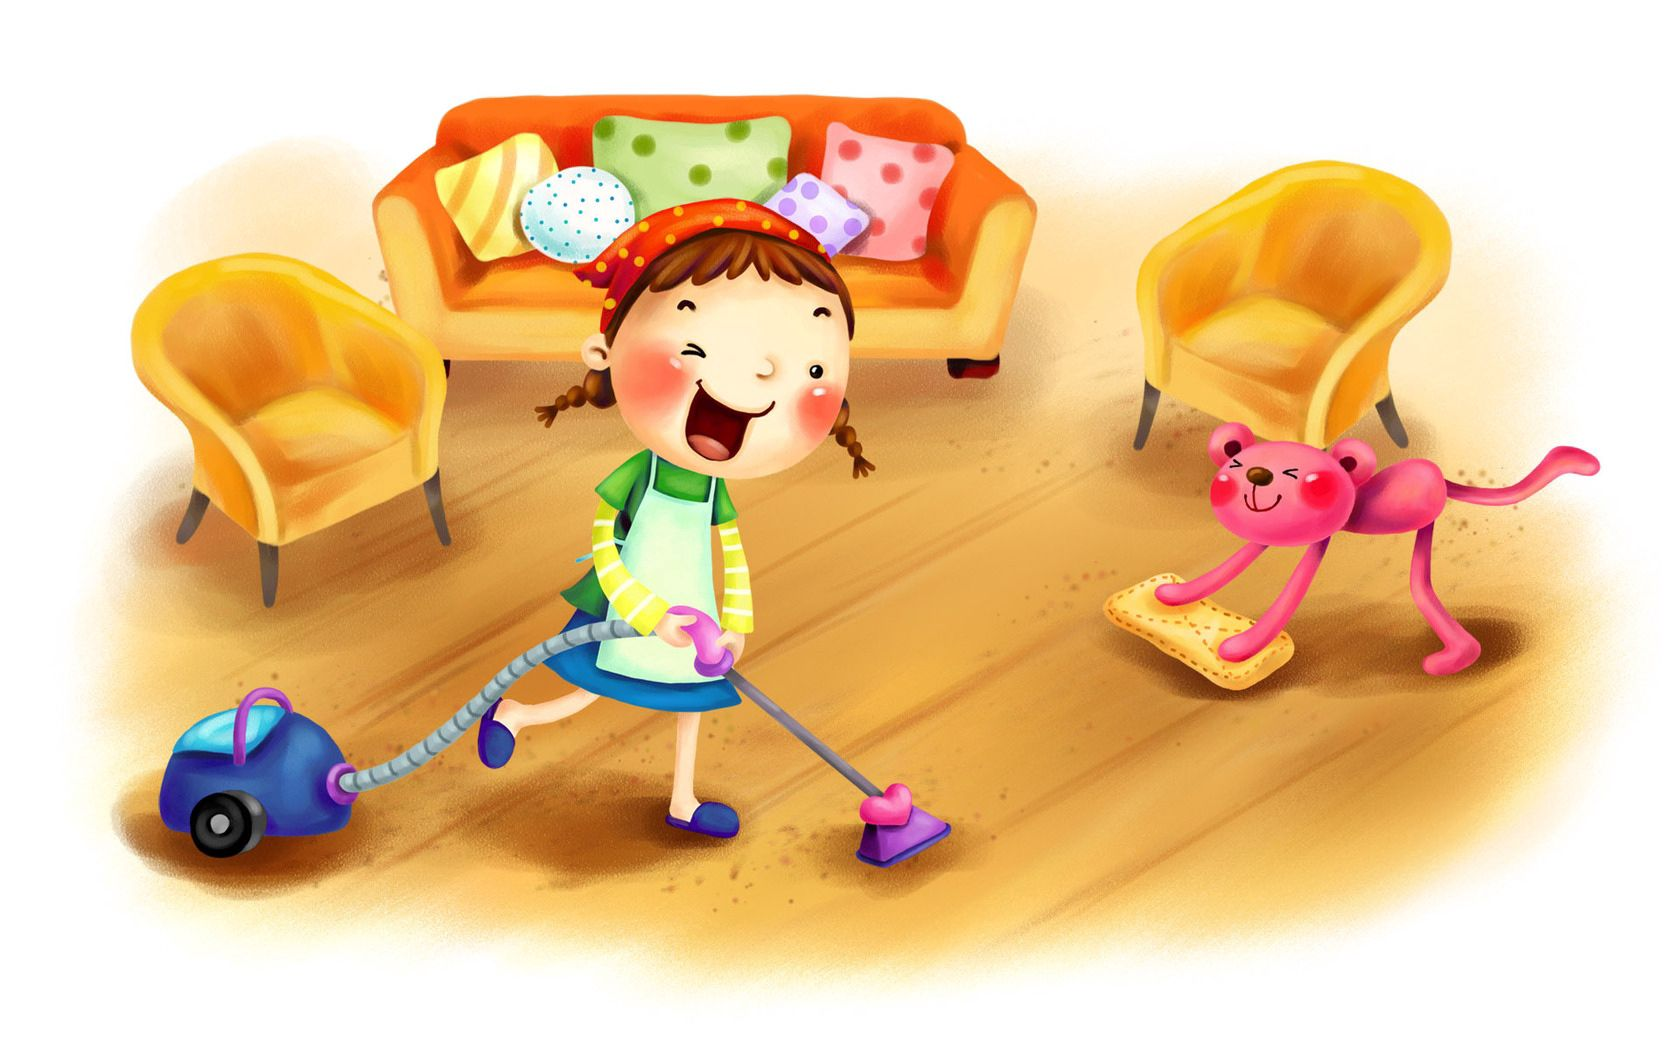 130581 скачать обои Разное, Девочка, Ребенок, Пылесос, Уборка, Комната, Собака, Мебель, Рисунок - заставки и картинки бесплатно